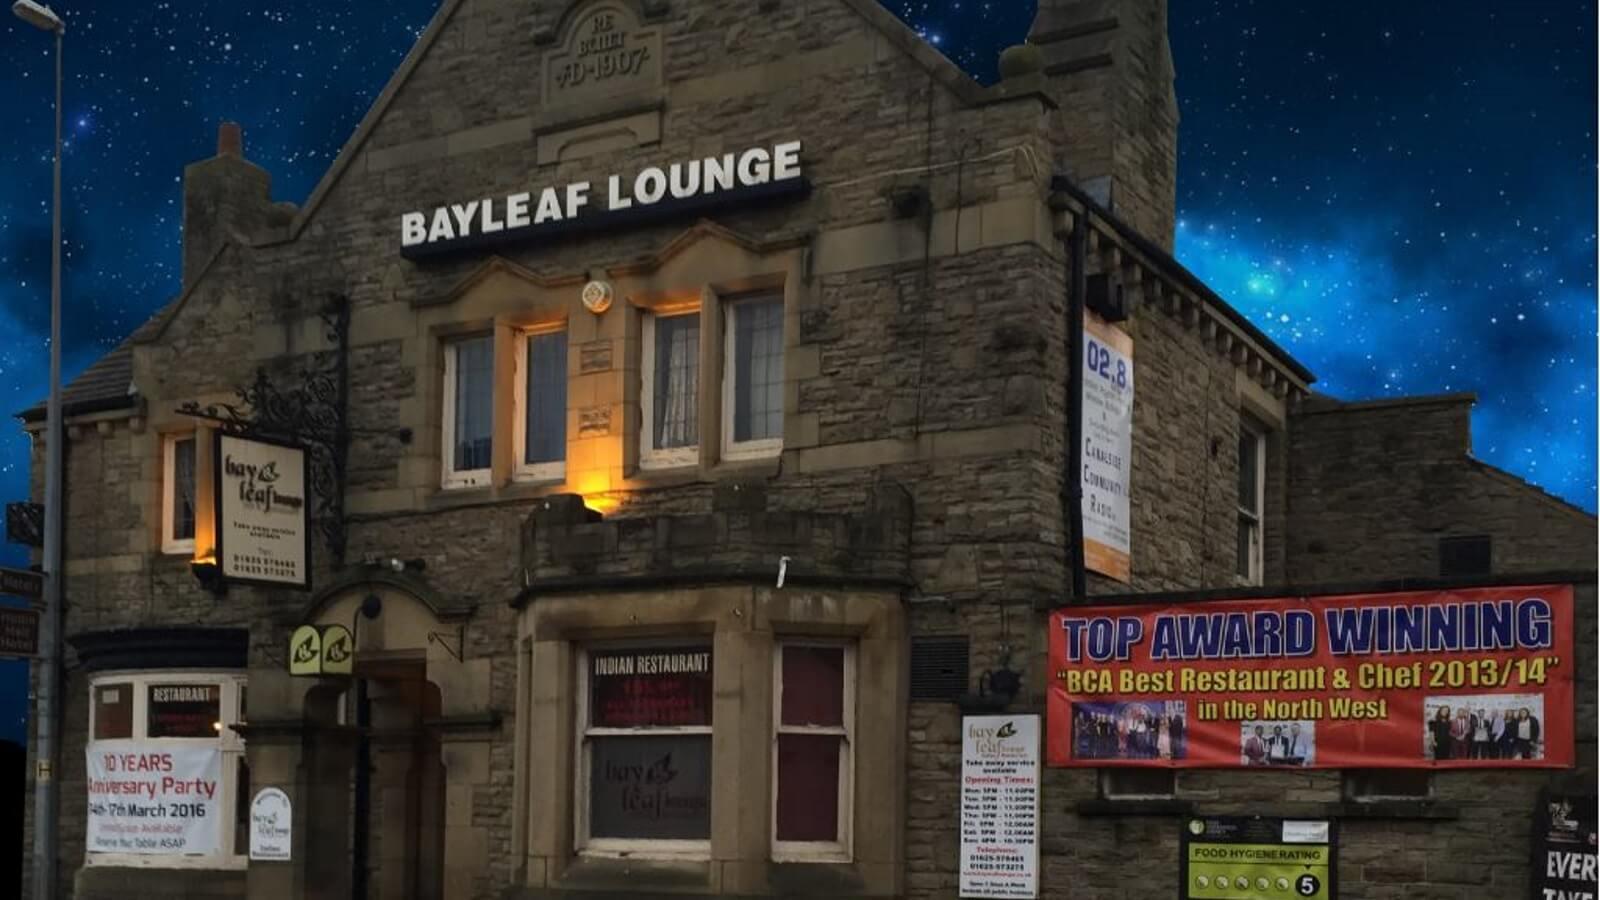 Bayleaf Lounge